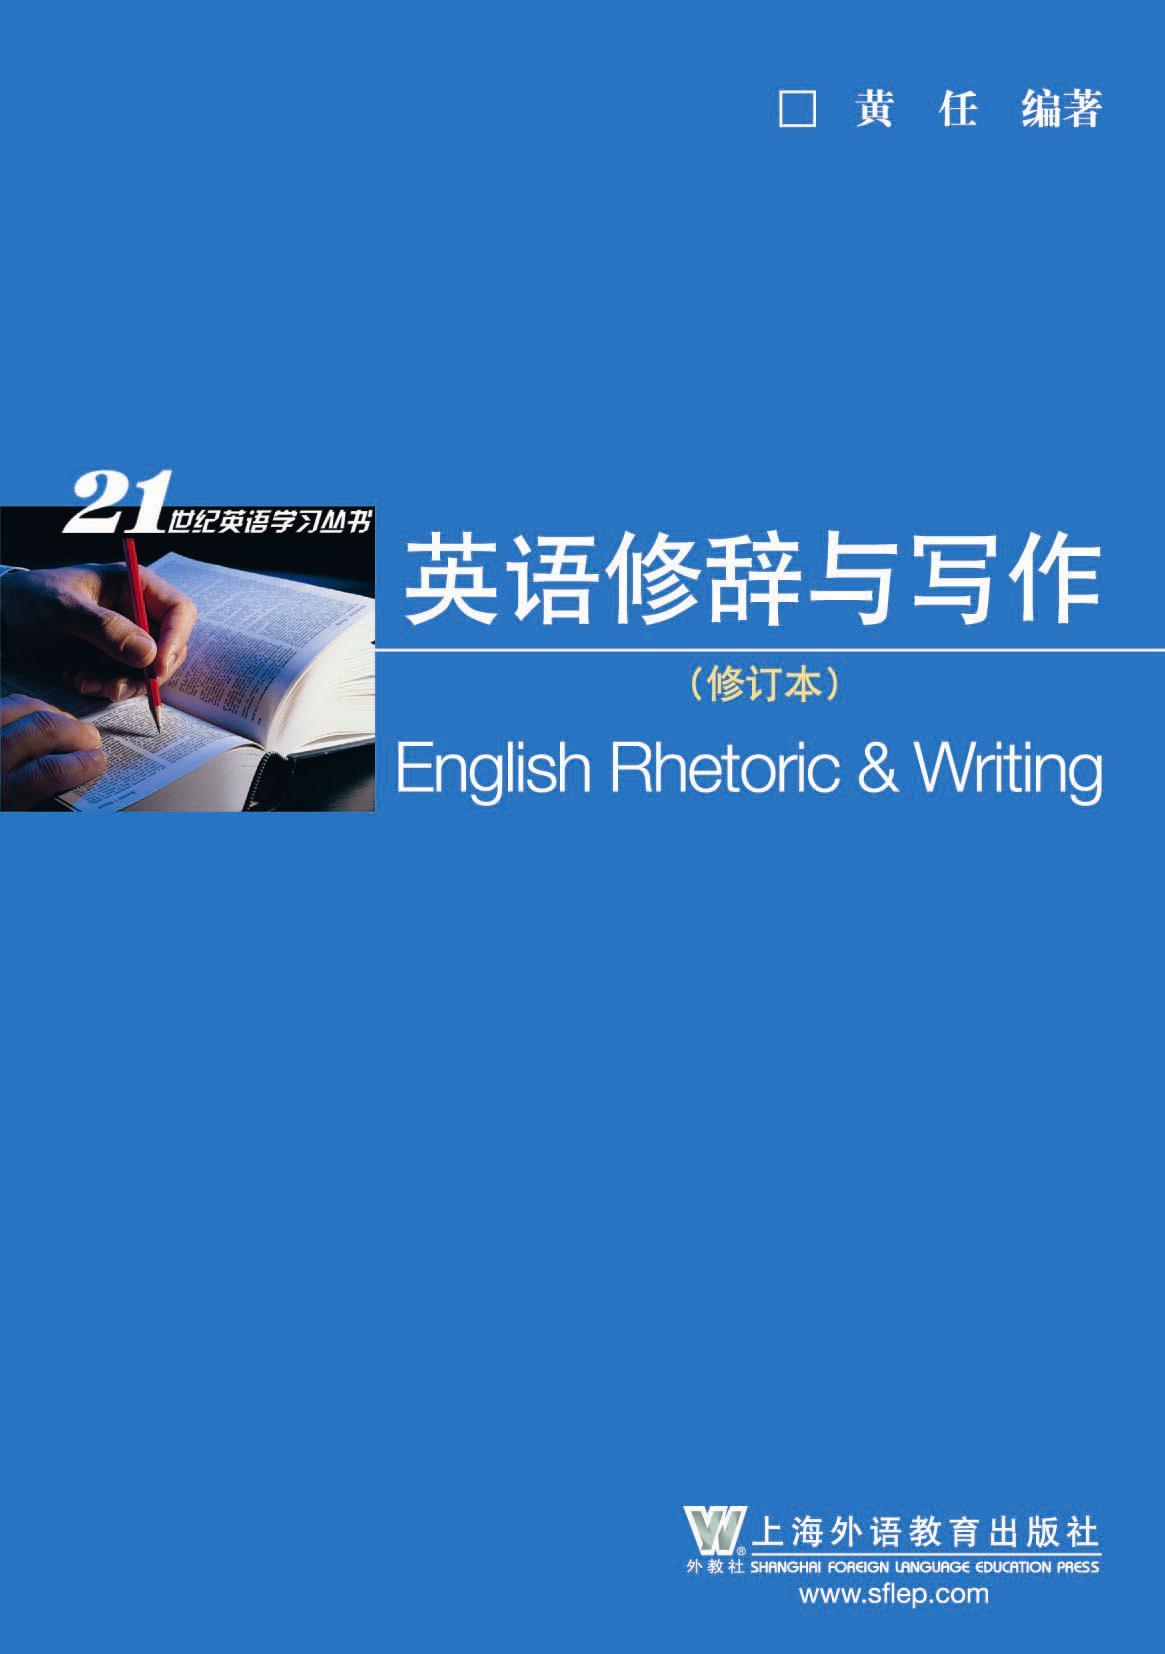 21世纪英语学习丛书:英语修辞与写作(修订版)